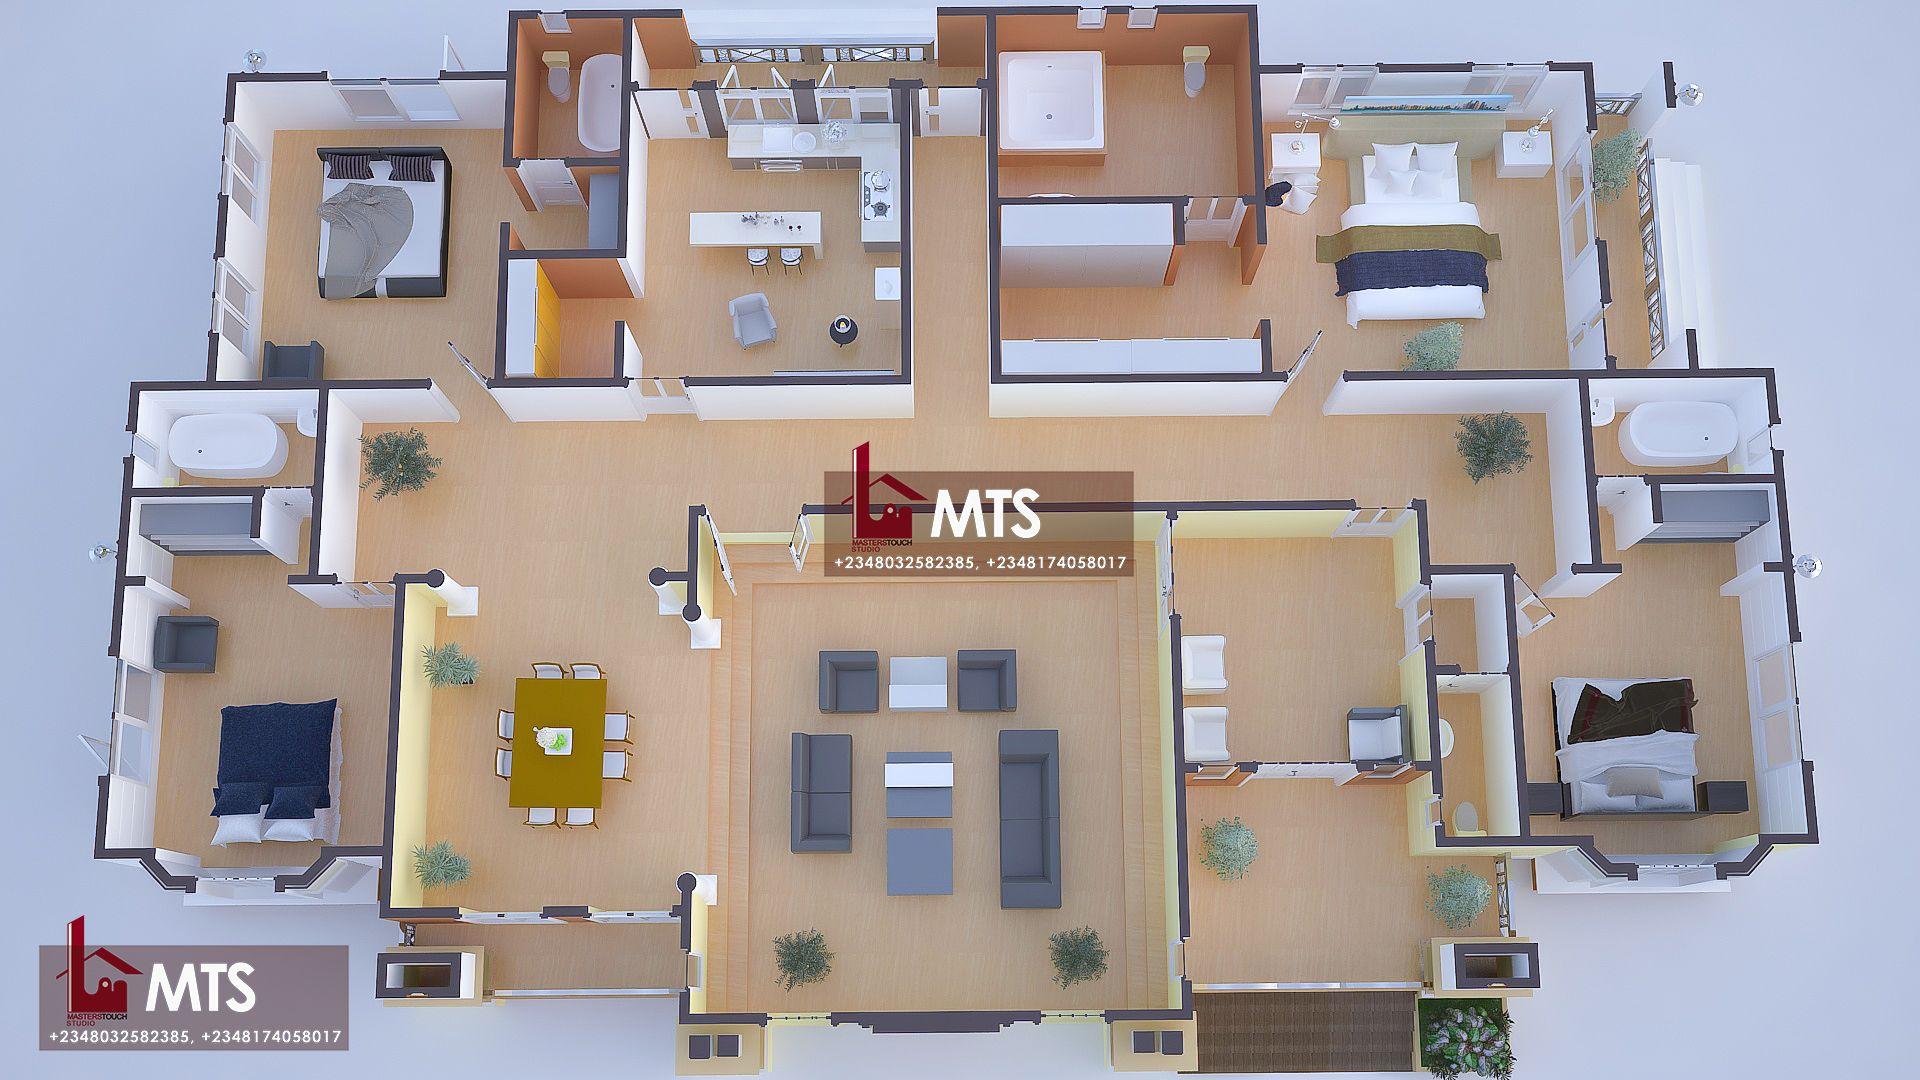 4 Bedroom Bungalow Design Rf 4015 Bungalow Design Architectural House Plans My House Plans